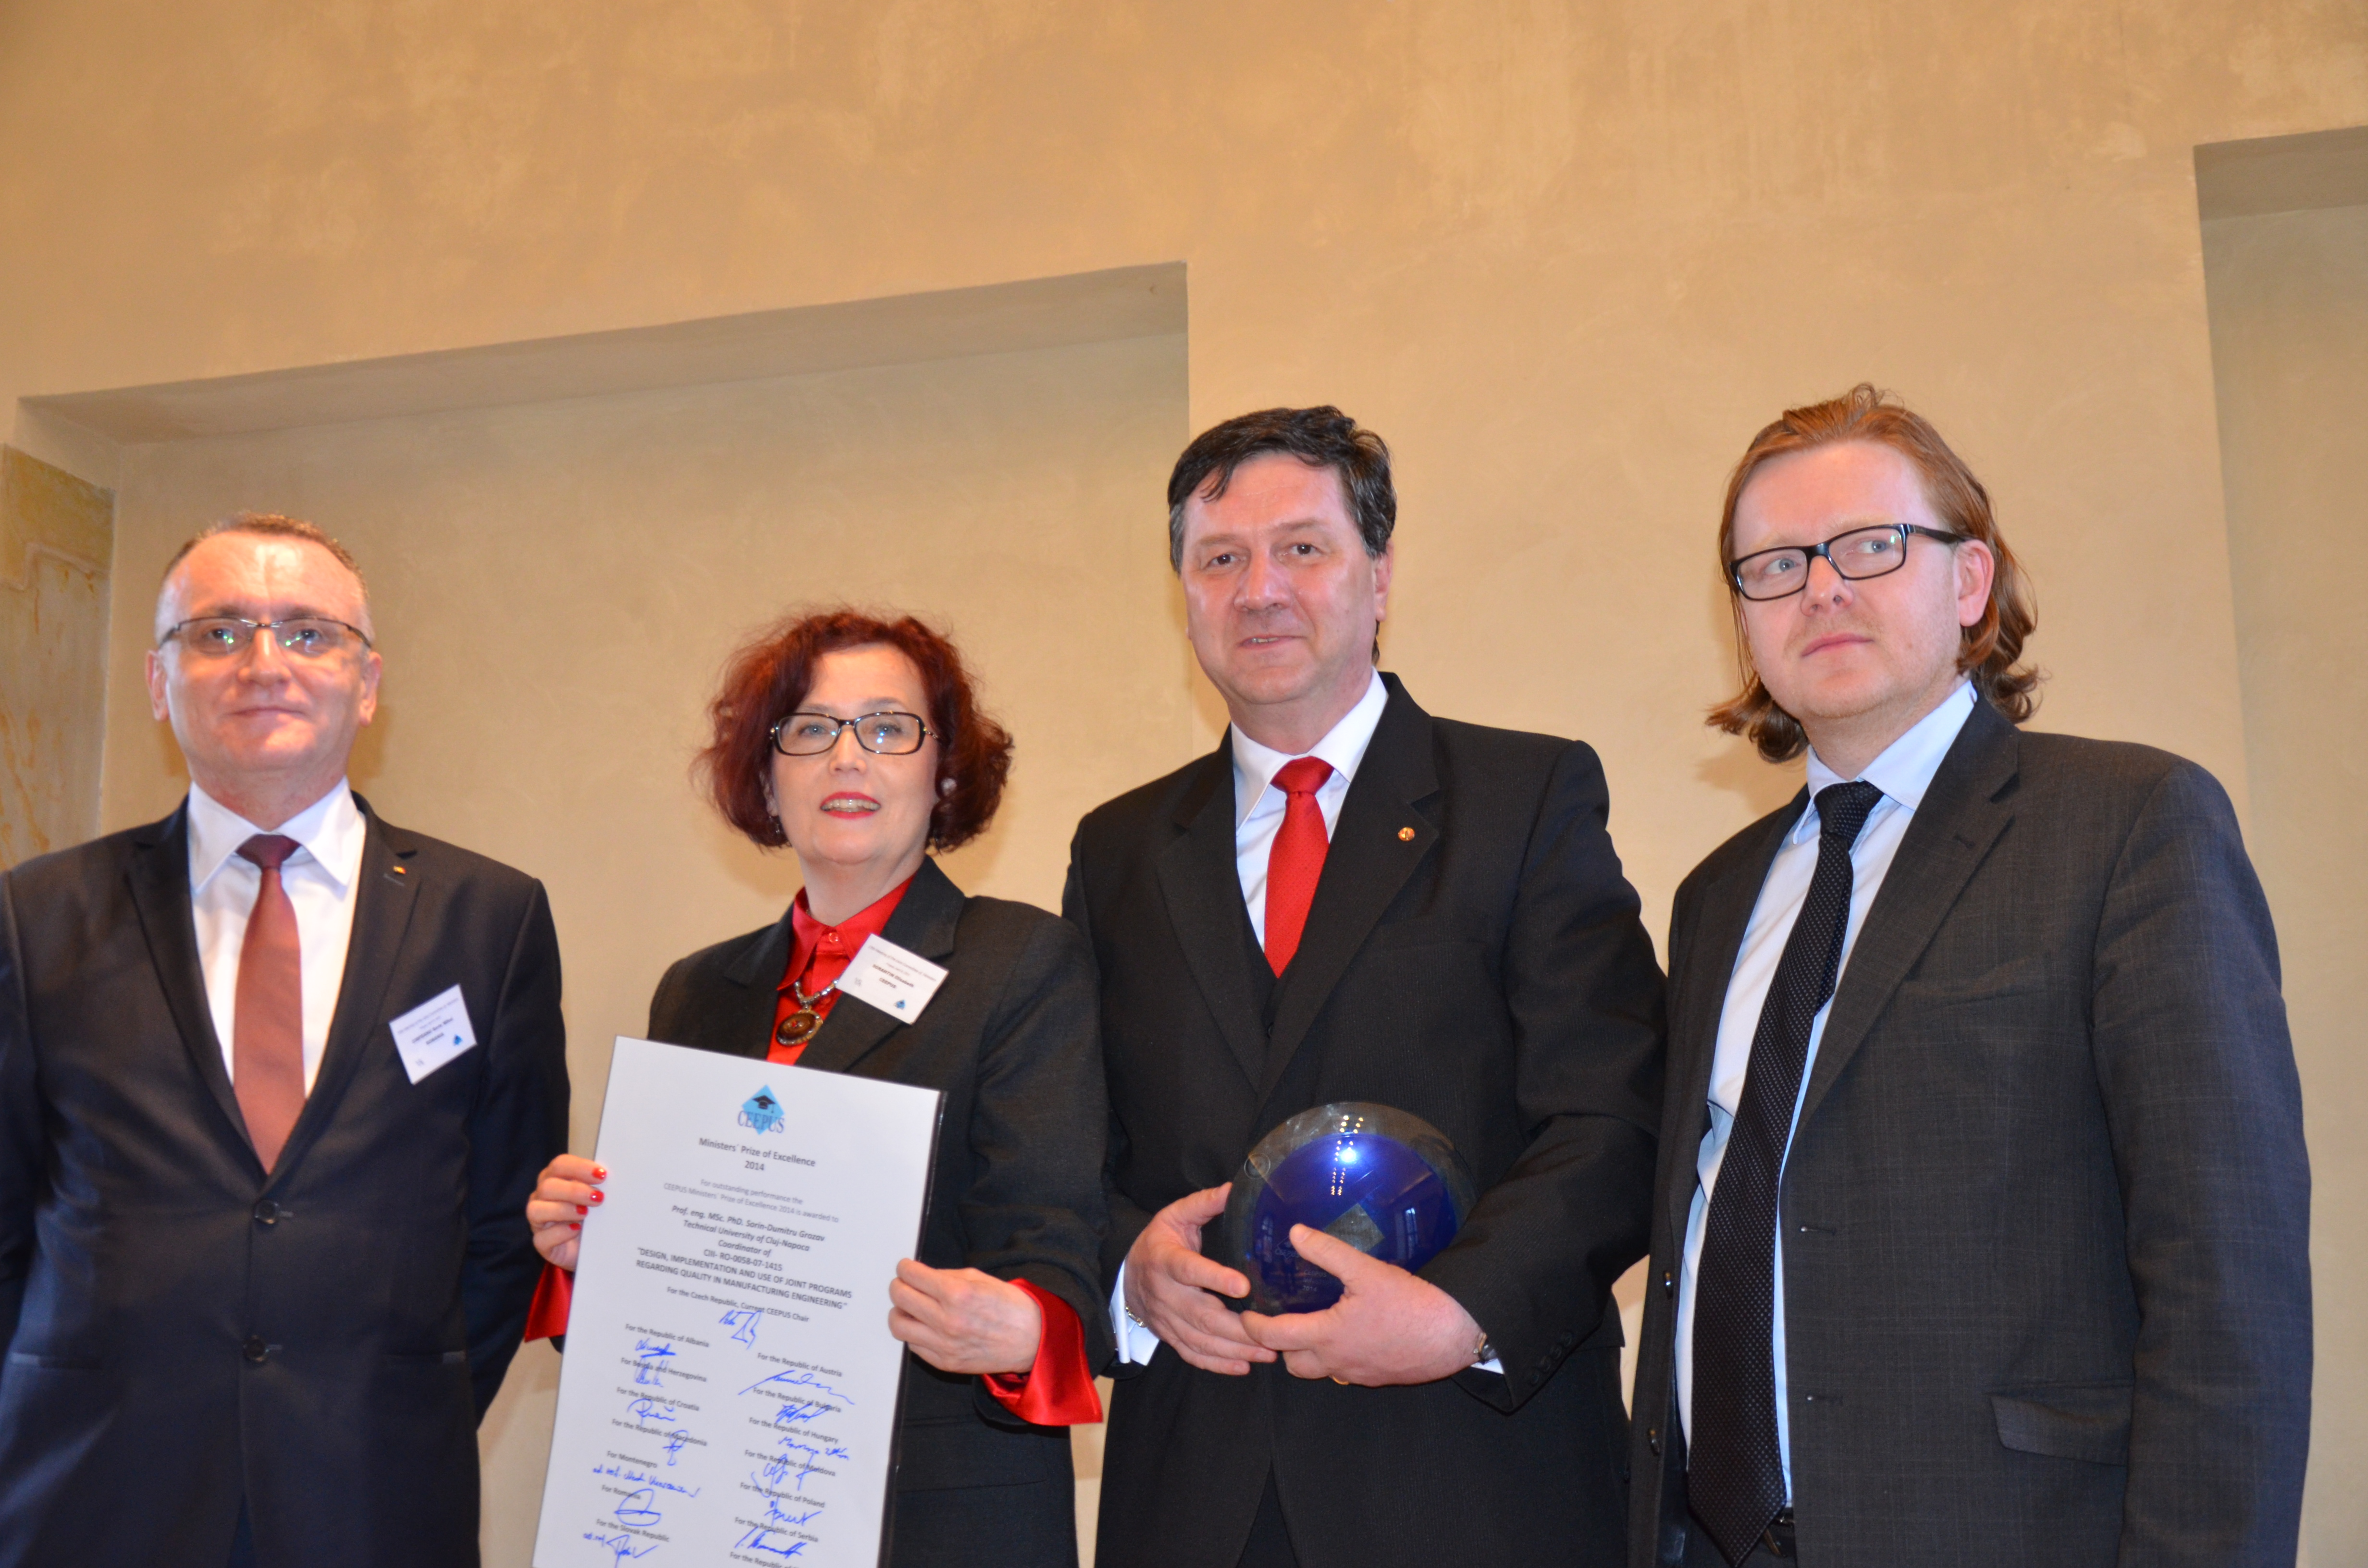 programul ceepus - premiul de excelenta al ministrilor